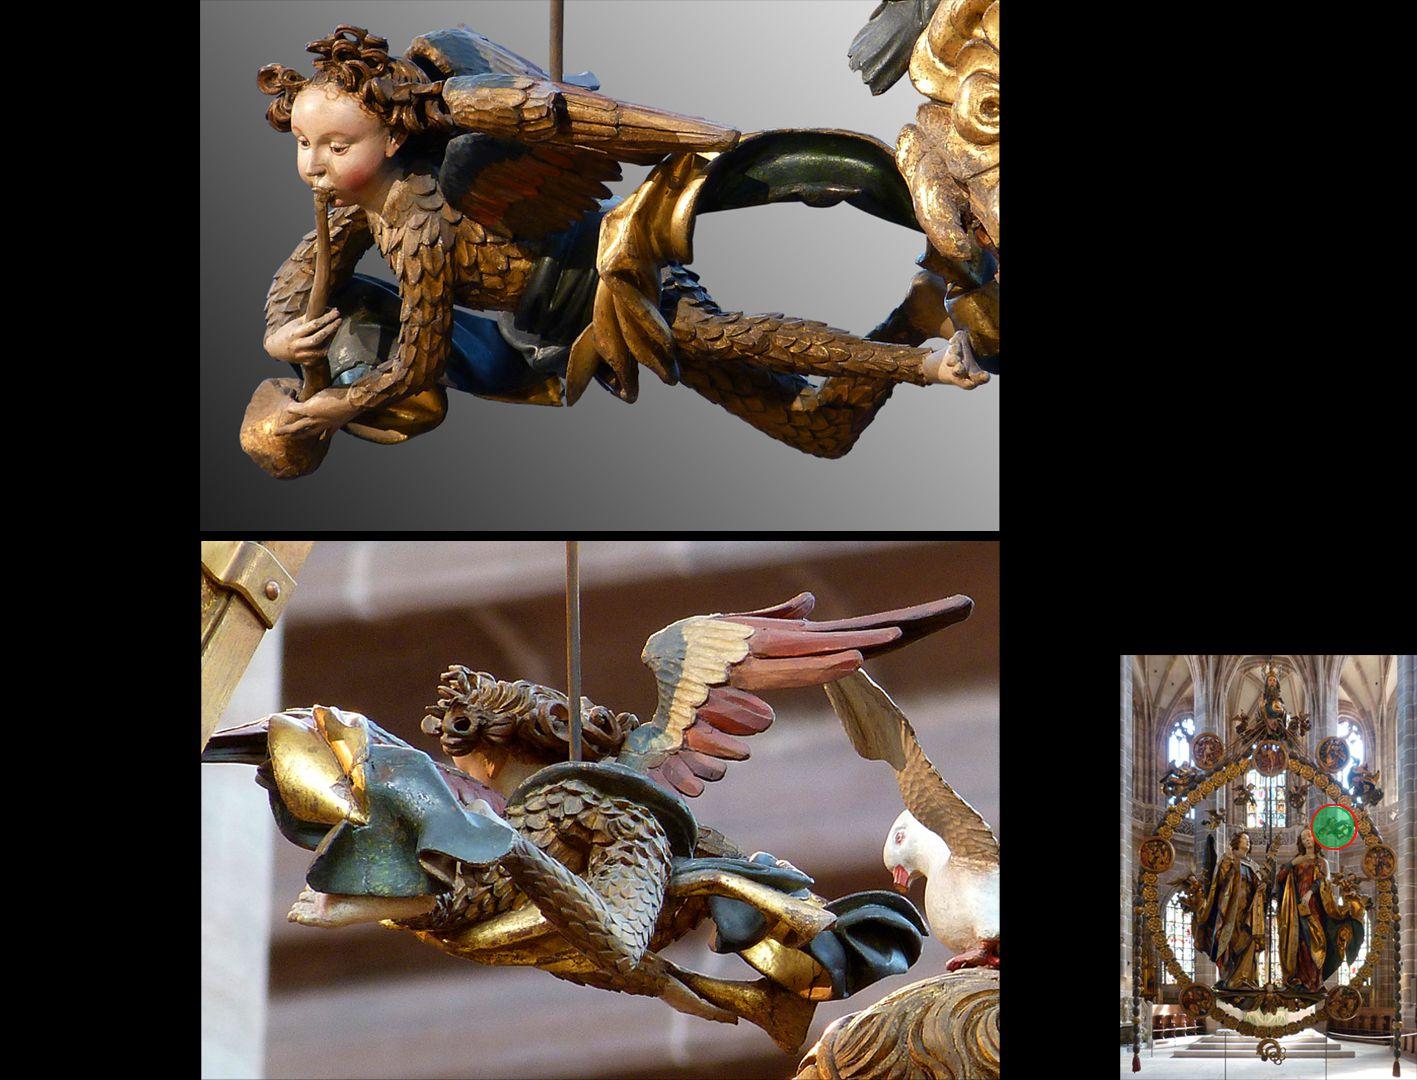 Englischer Gruß Engelchen im Federkleid mit Posaune von vorne und hinten (unten rechts Detaillokalisierung)